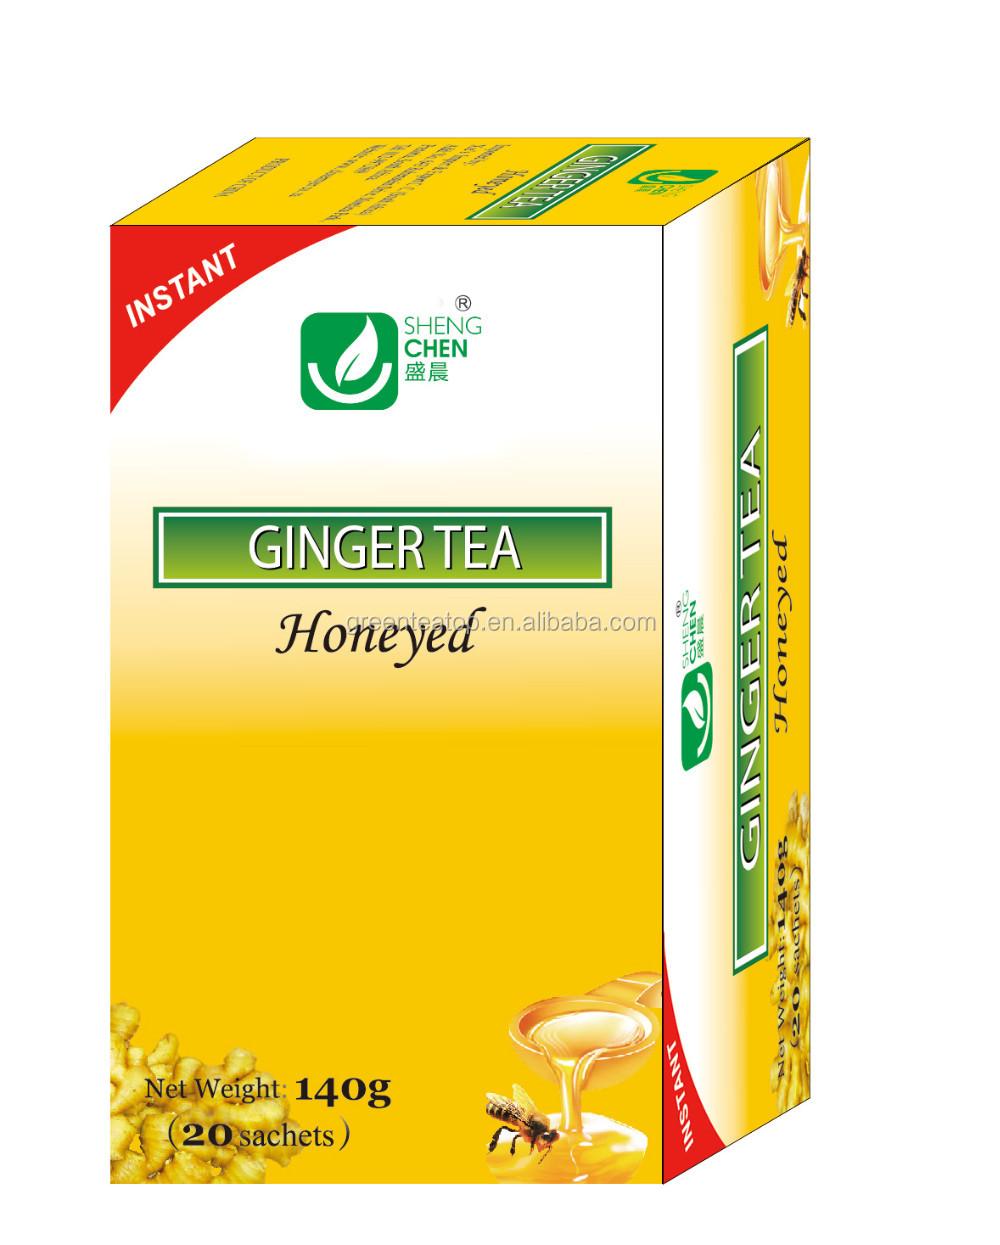 2019 Hot Sale tasteful new Premium Instant Honey Ginger Tea With Good Taste - 4uTea   4uTea.com